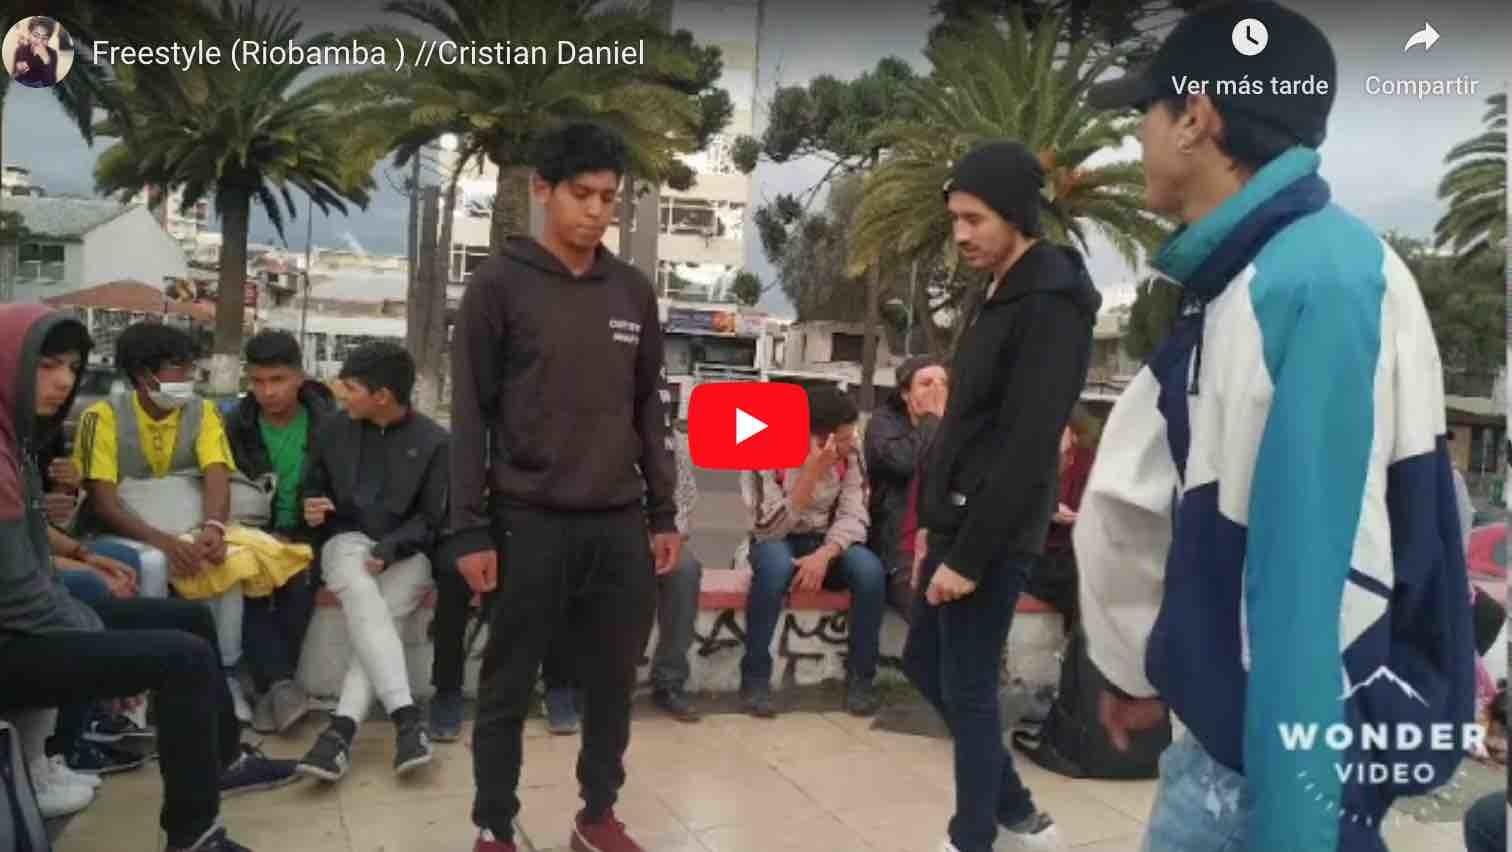 Photo of 🔴 VIDEO | Freestyle (Riobamba ) //Cristian Daniel